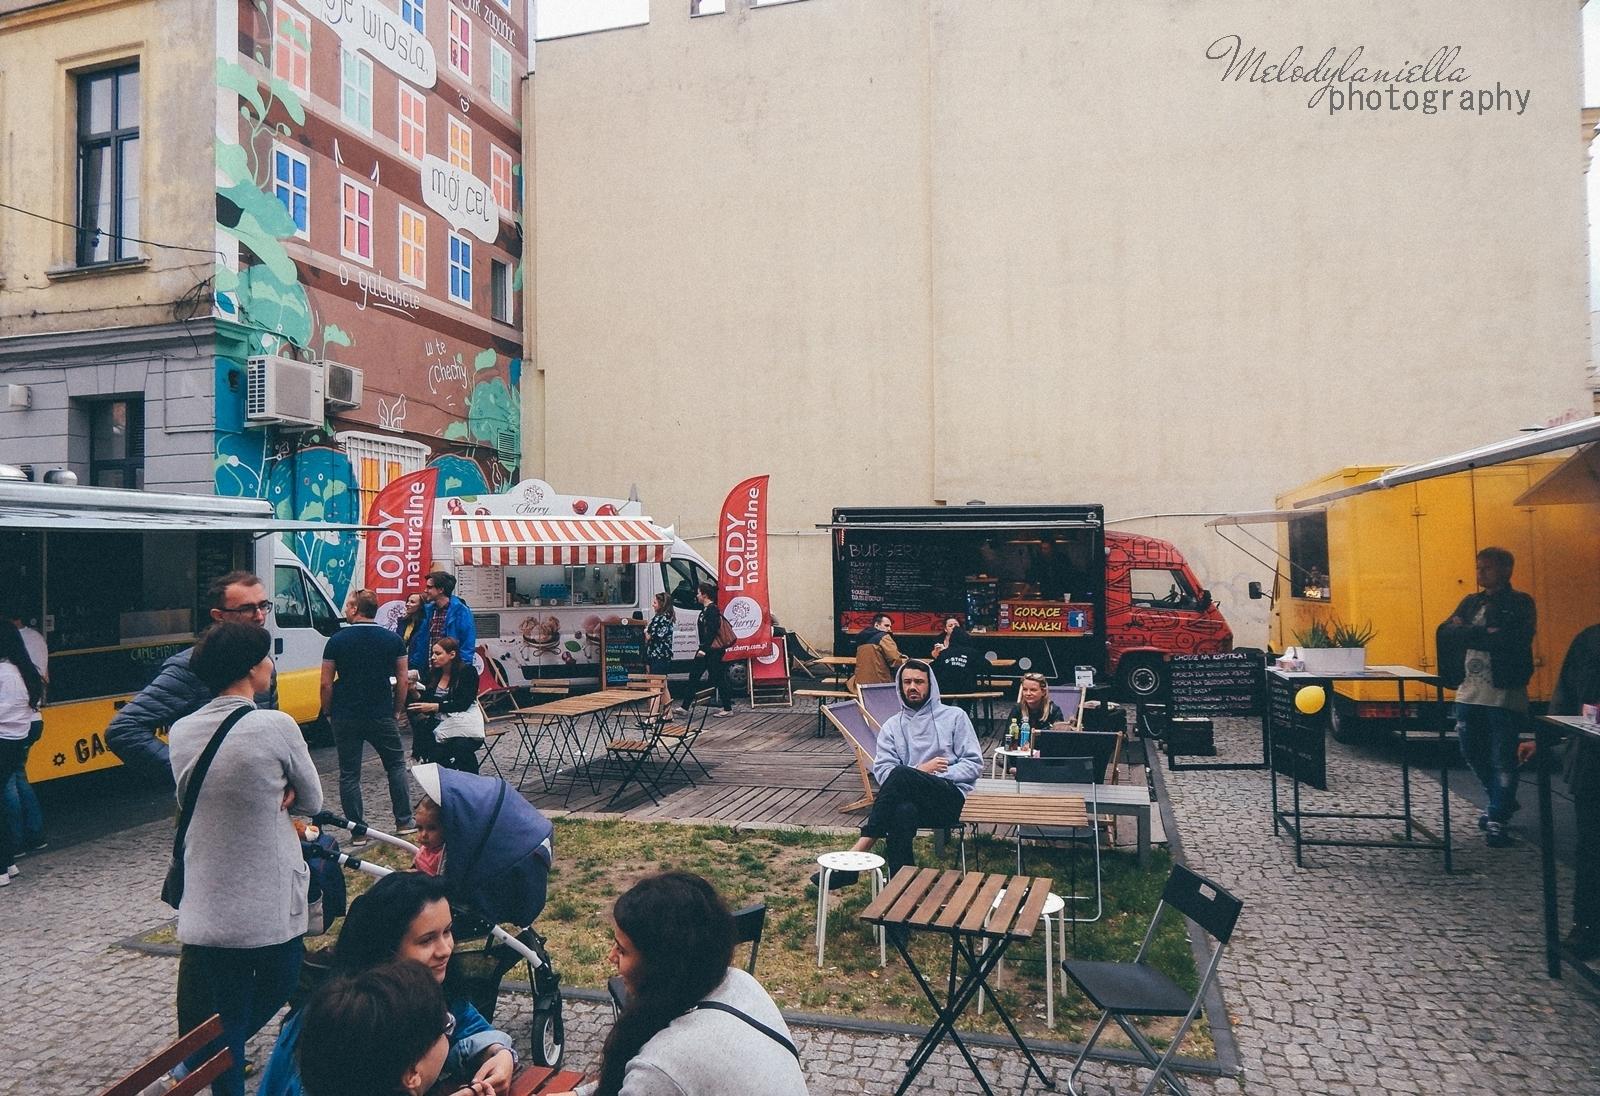 10 XV Łódź Street Food Festival. Uliczna uczta przy Piotrkowskiej 217 before food market lato co zjeść food truck festival łódź bangkok lody tajskie chińskie pierożki na parze baklava tacos kiełbasiarnia kofola